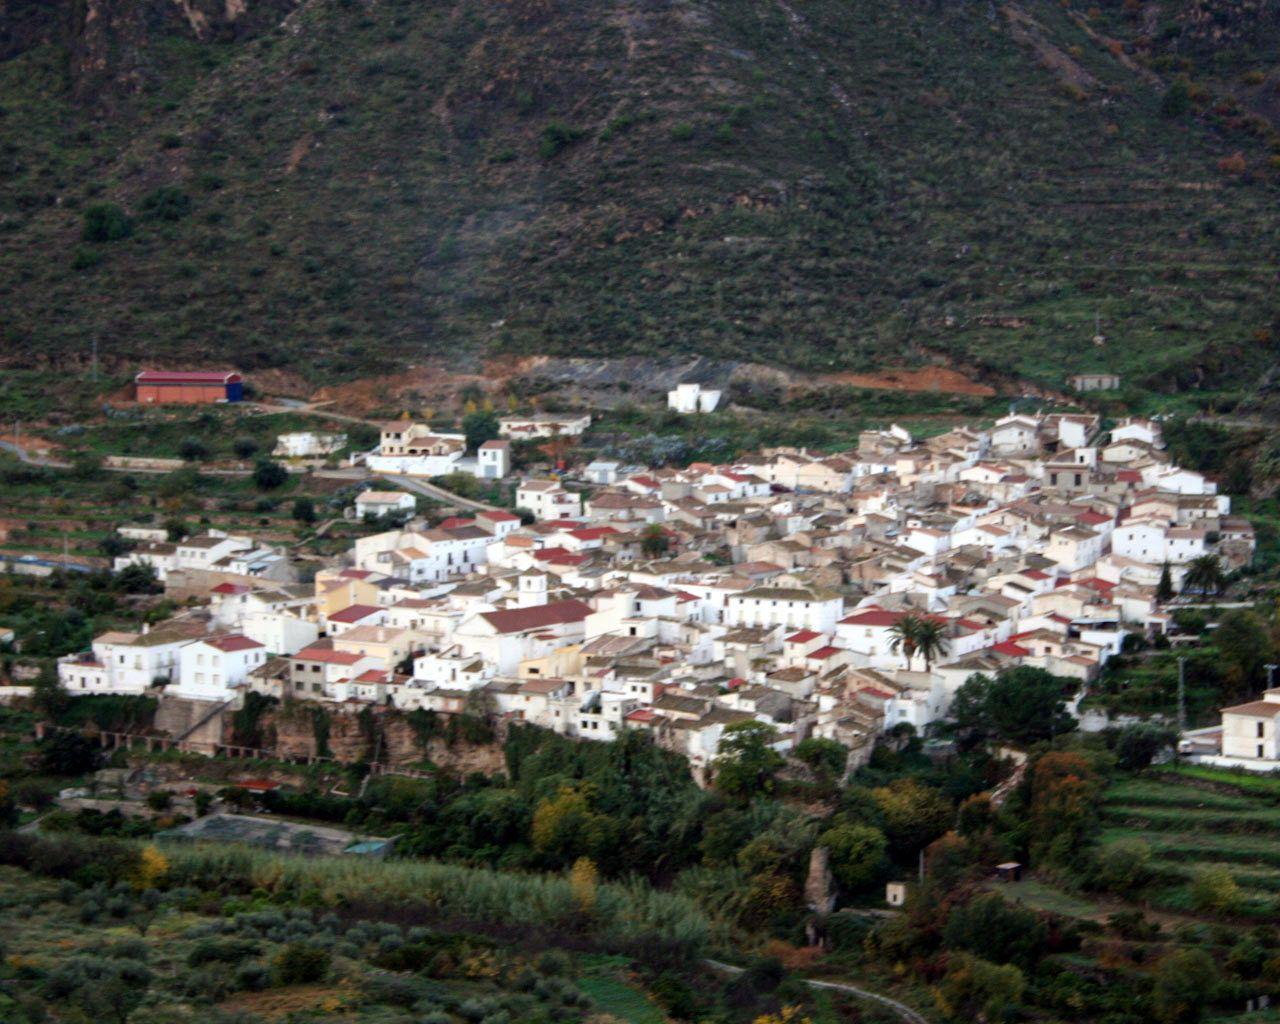 """#Almería - #Cóbdar / 37º 15' 51"""" -2º 12' 14"""" / 37.264167, -2.203889 /    Pintoresco pueblo enclavado en la sierra de Filabres, al pie de una rica piedra de mármol blanco y luminoso. En el valle, entre montañas, con entrañas que hacen pensar en un prometedor futuro; blanco, radiante y llamativo en el desnudo conjunto de la sierra con más historia de Almería. Fuente: www.cobdar.es ."""